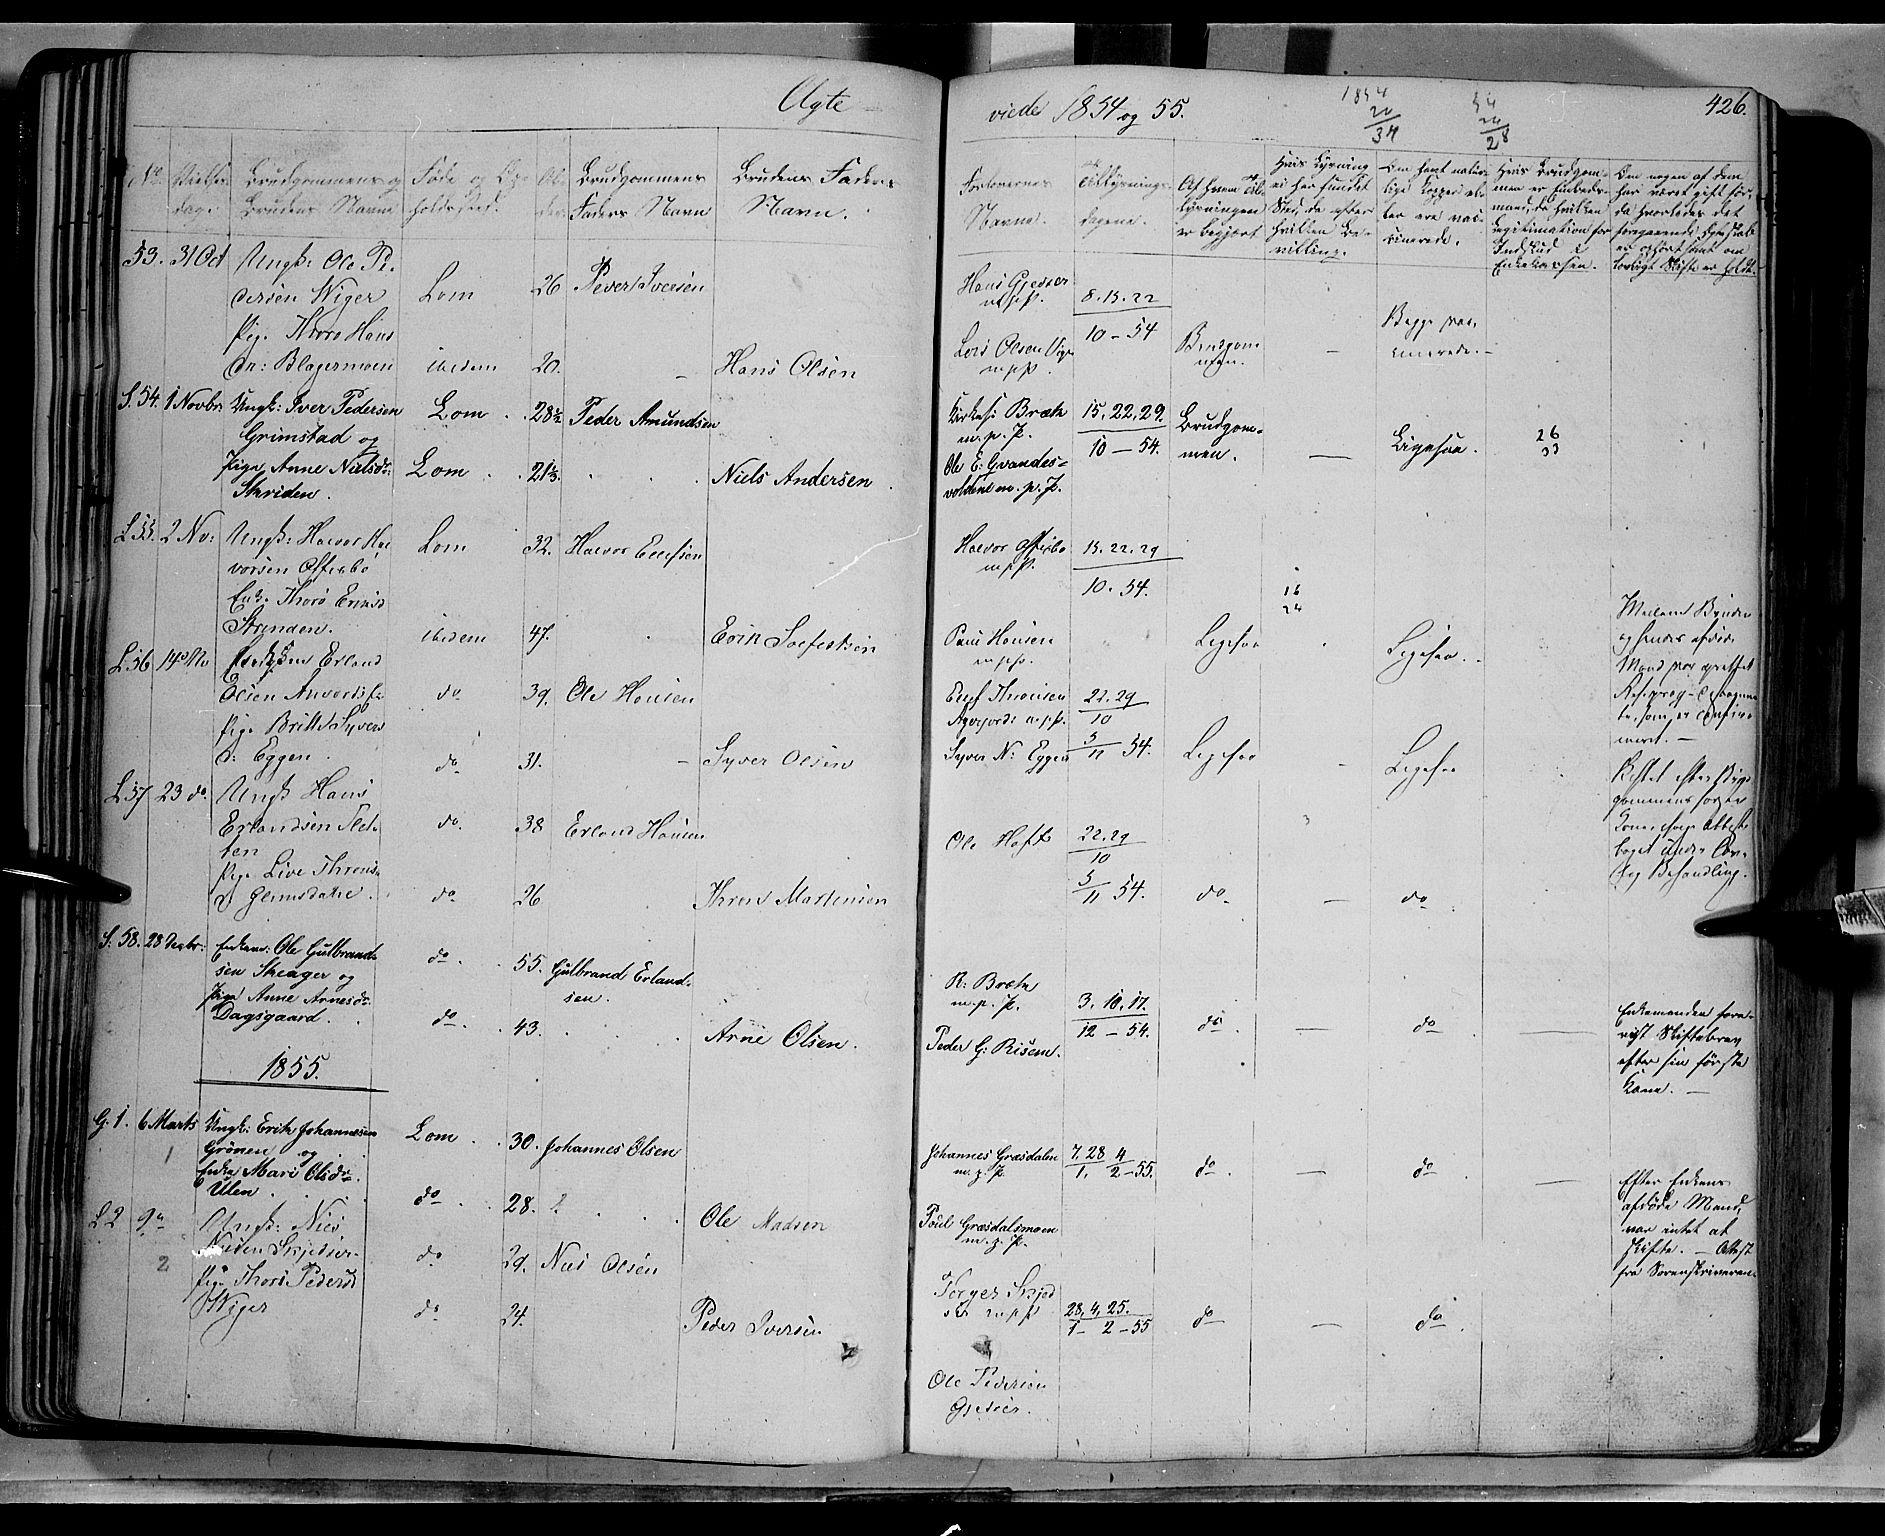 SAH, Lom prestekontor, K/L0006: Ministerialbok nr. 6B, 1837-1863, s. 426